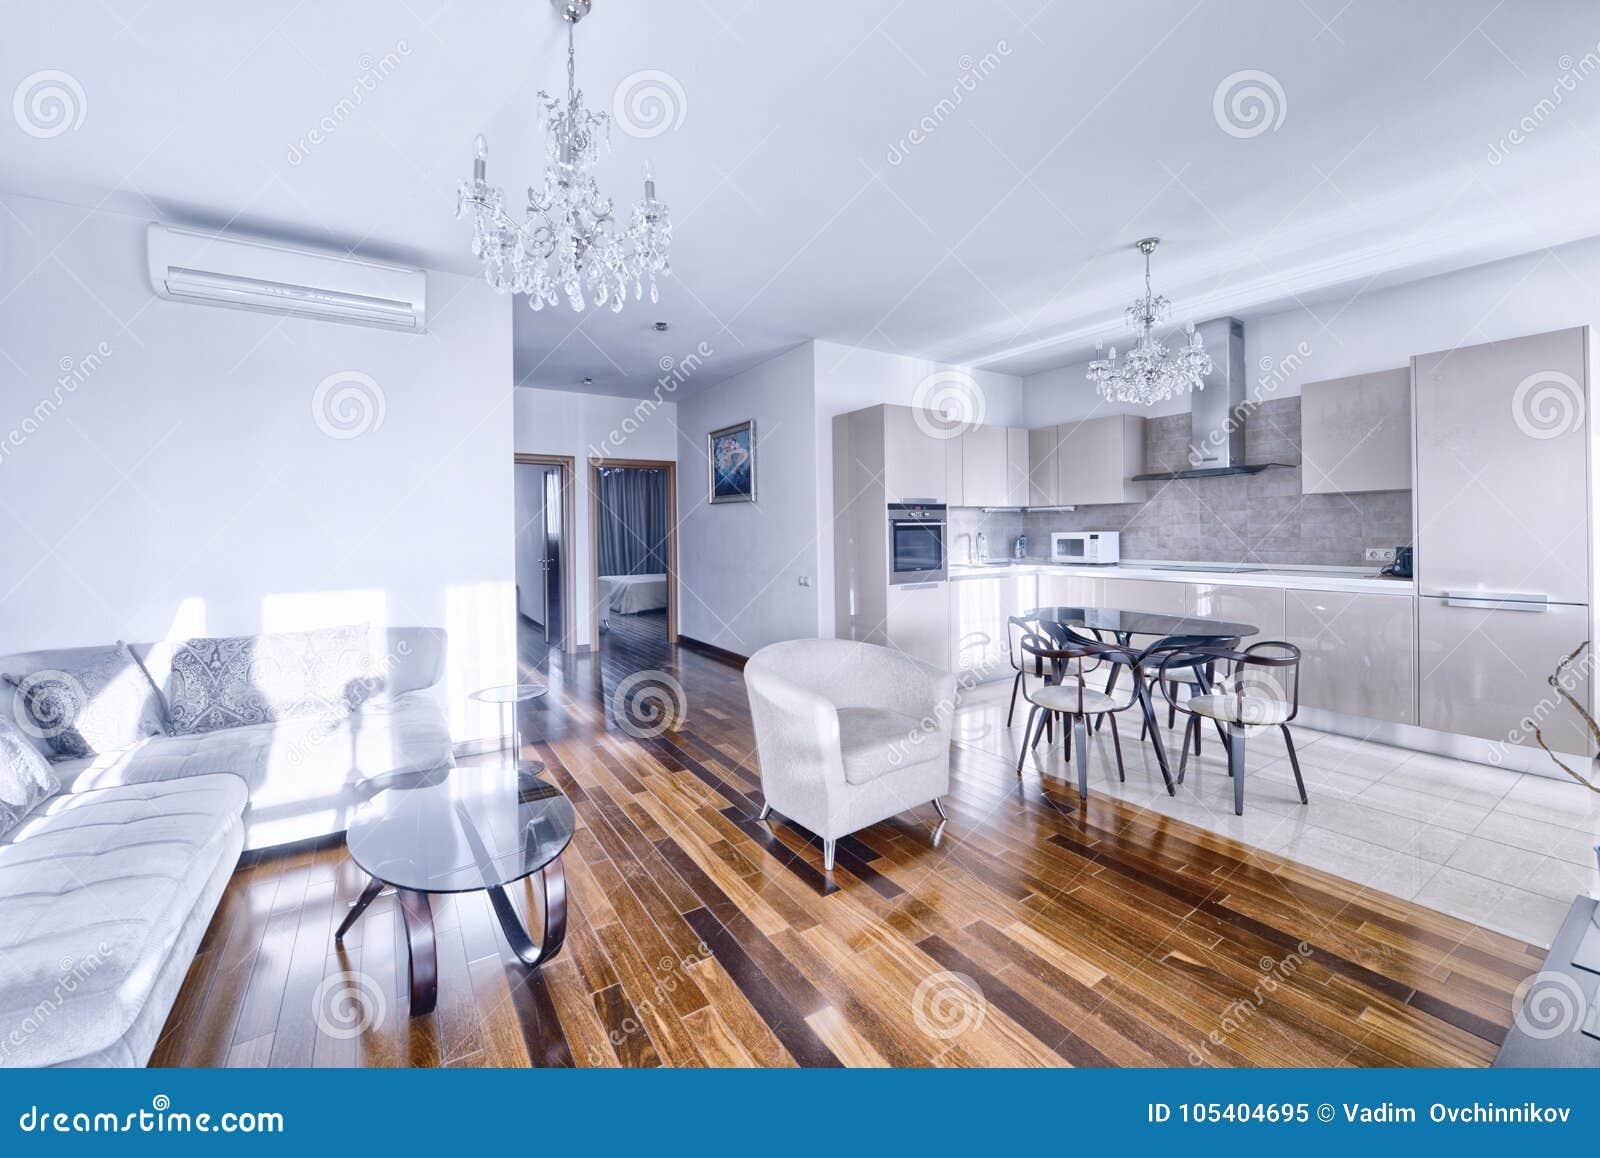 Interno della stanza cucina vivente in una casa moderna for Interno di una casa